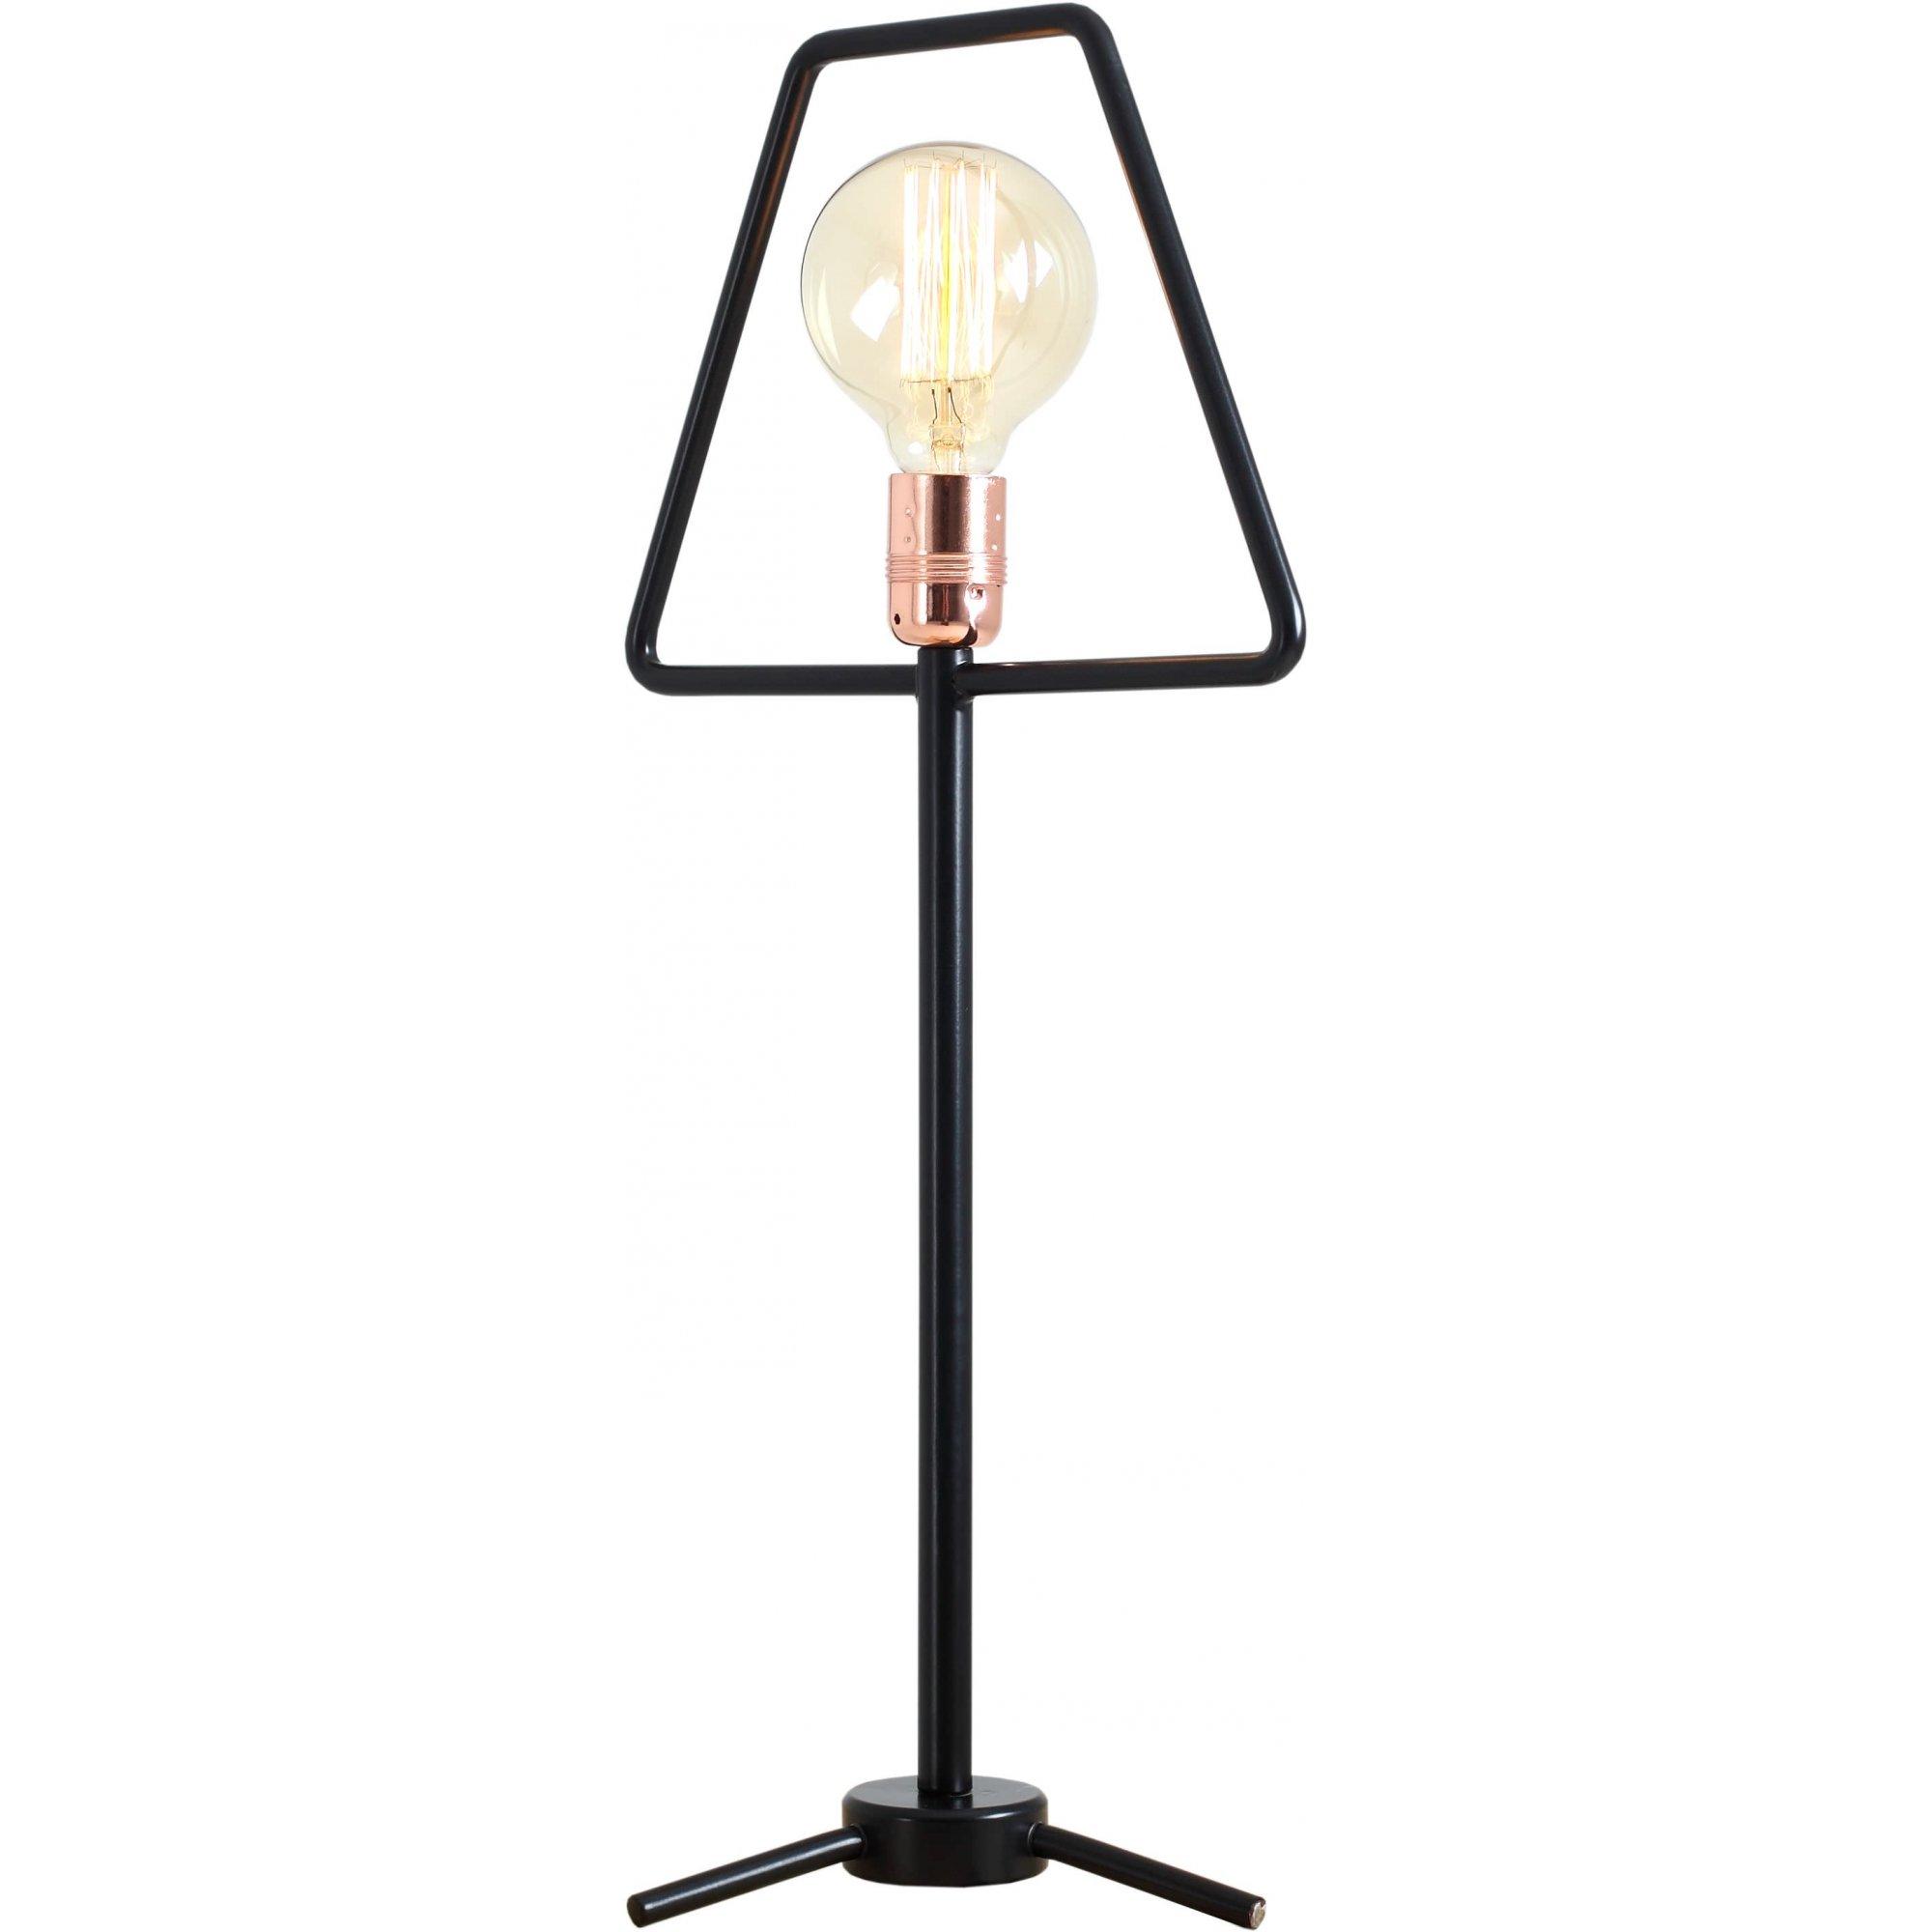 Lampe de table noire